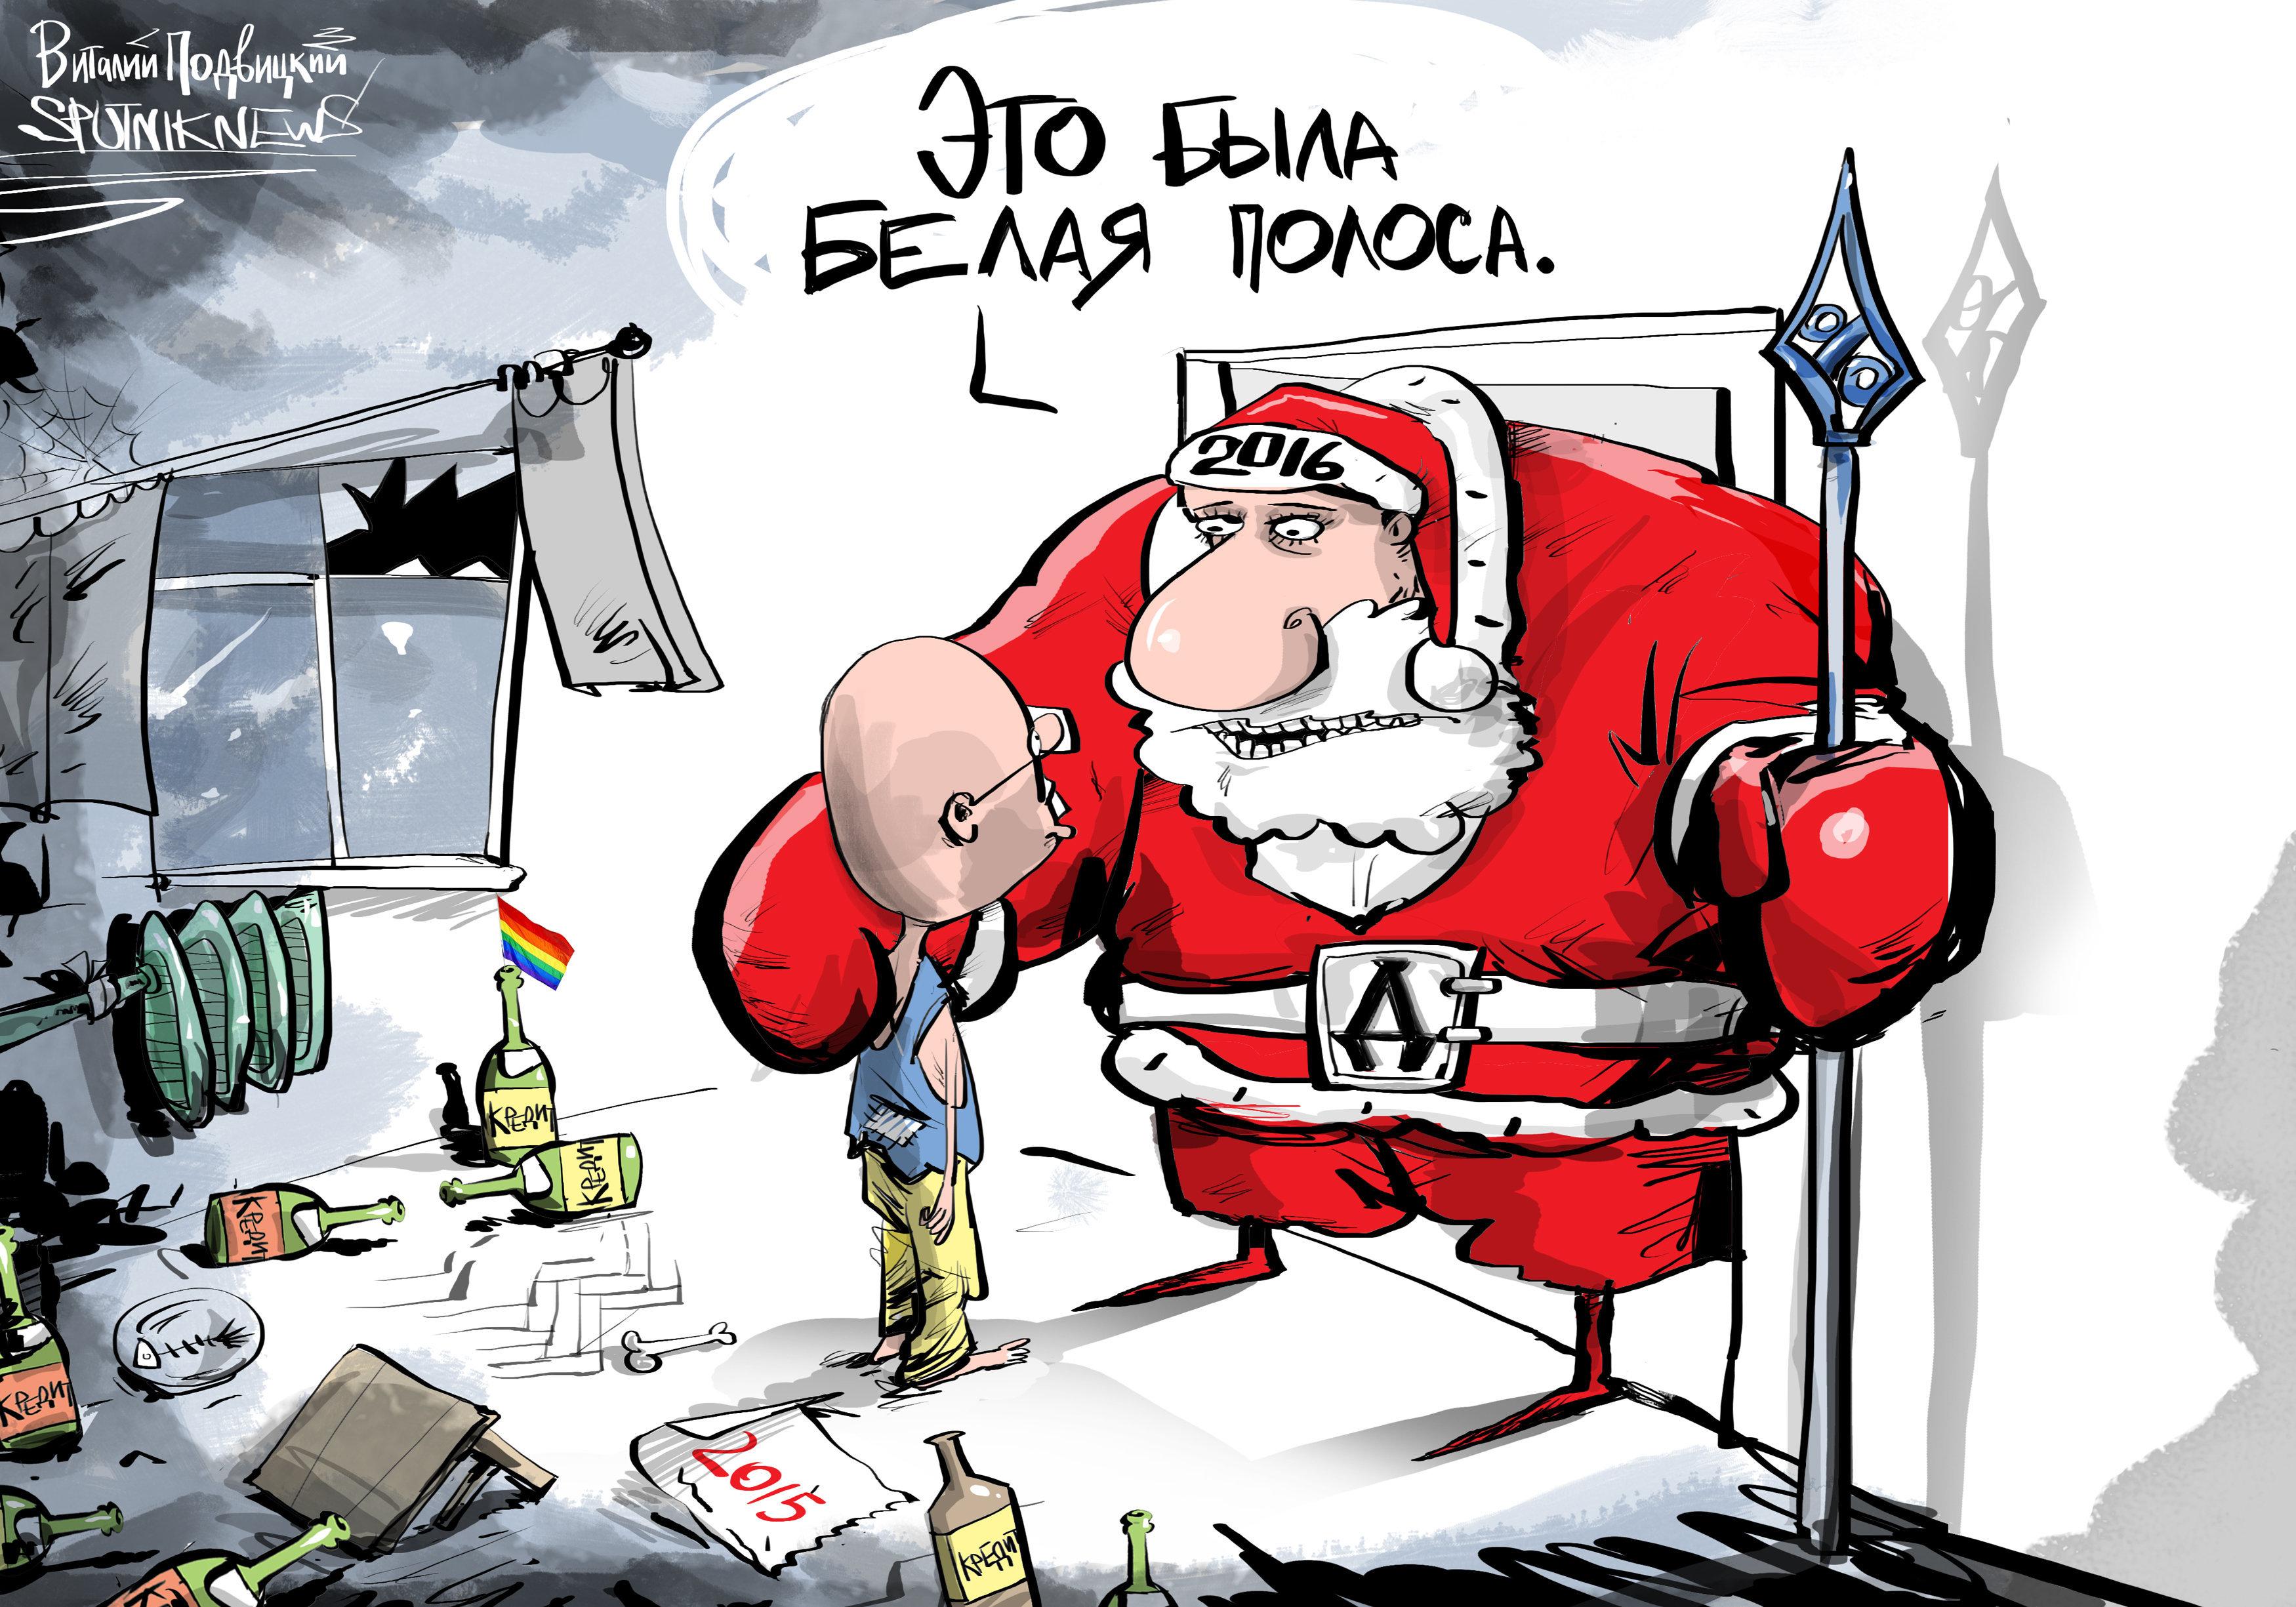 Новый год в россии анекдоты